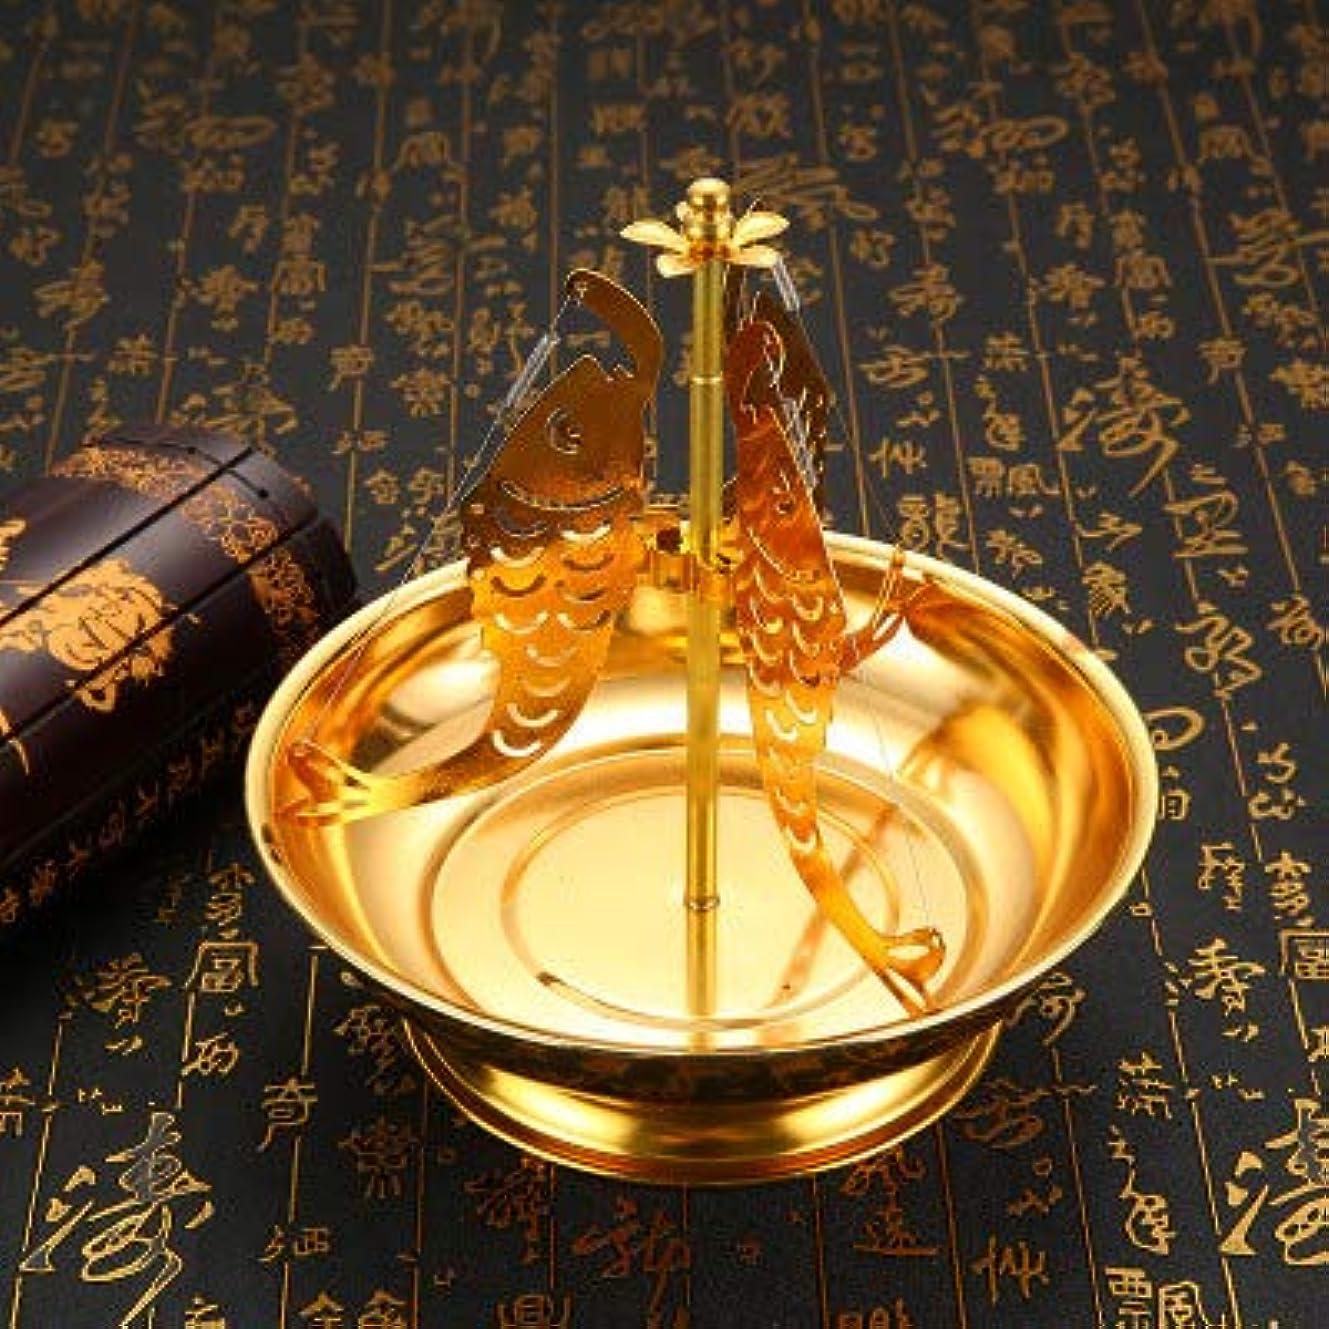 確かな魅力的であることへのアピール不愉快にPHILOGOD 合金香炉 香立て 鯉のスタイリング線香立て 香皿 (Gold)